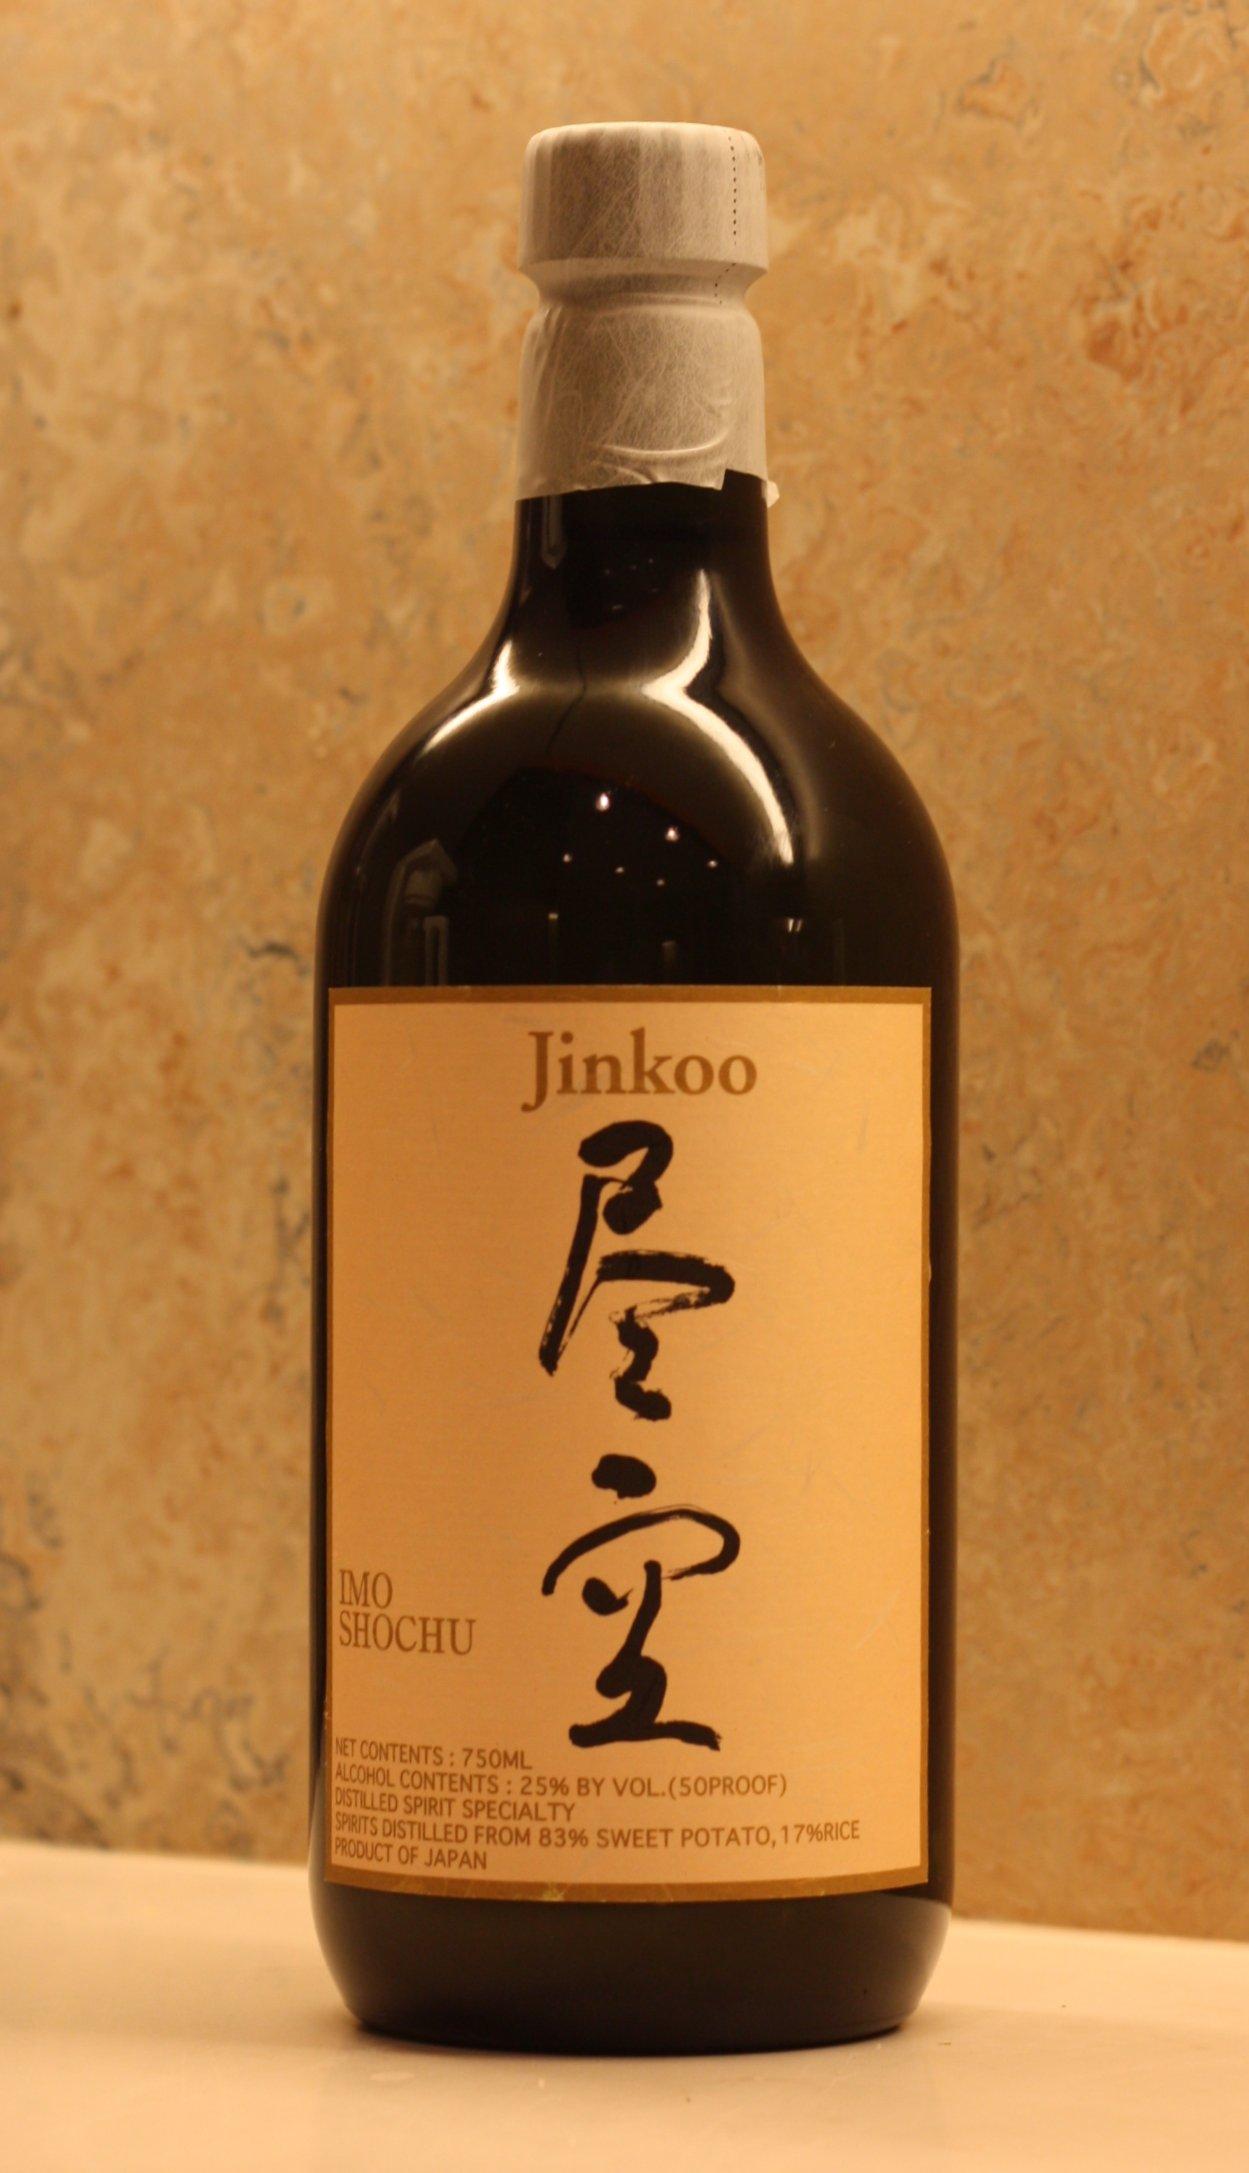 Jinkoo Imo